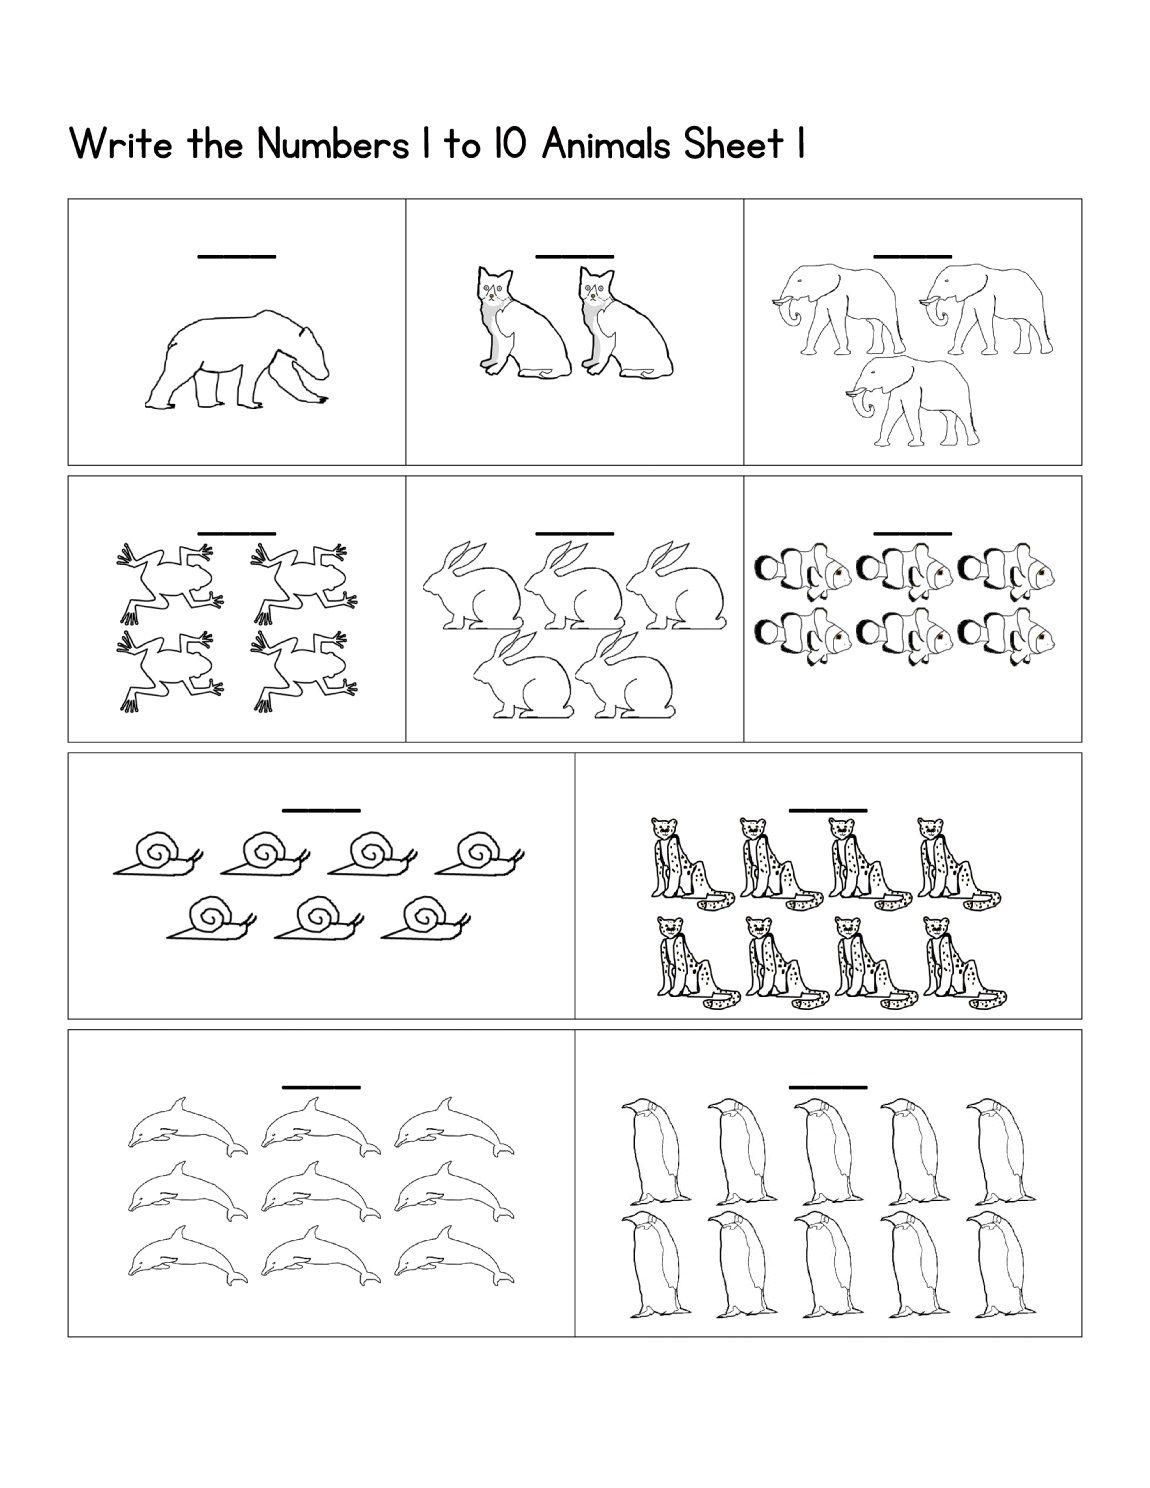 Pre K Number Worksheets Easy 1-10 | Kiddo Shelter | Kids Worksheets ...